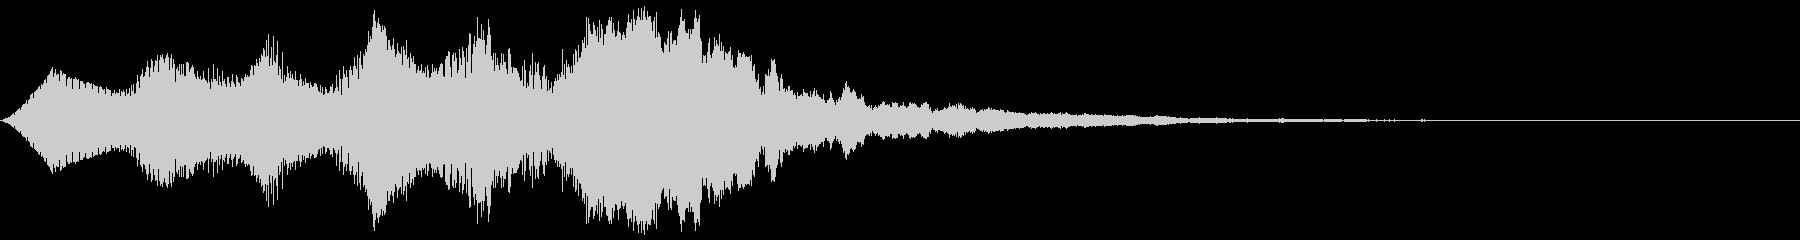 ファンファーレ(バイオリン風)の未再生の波形